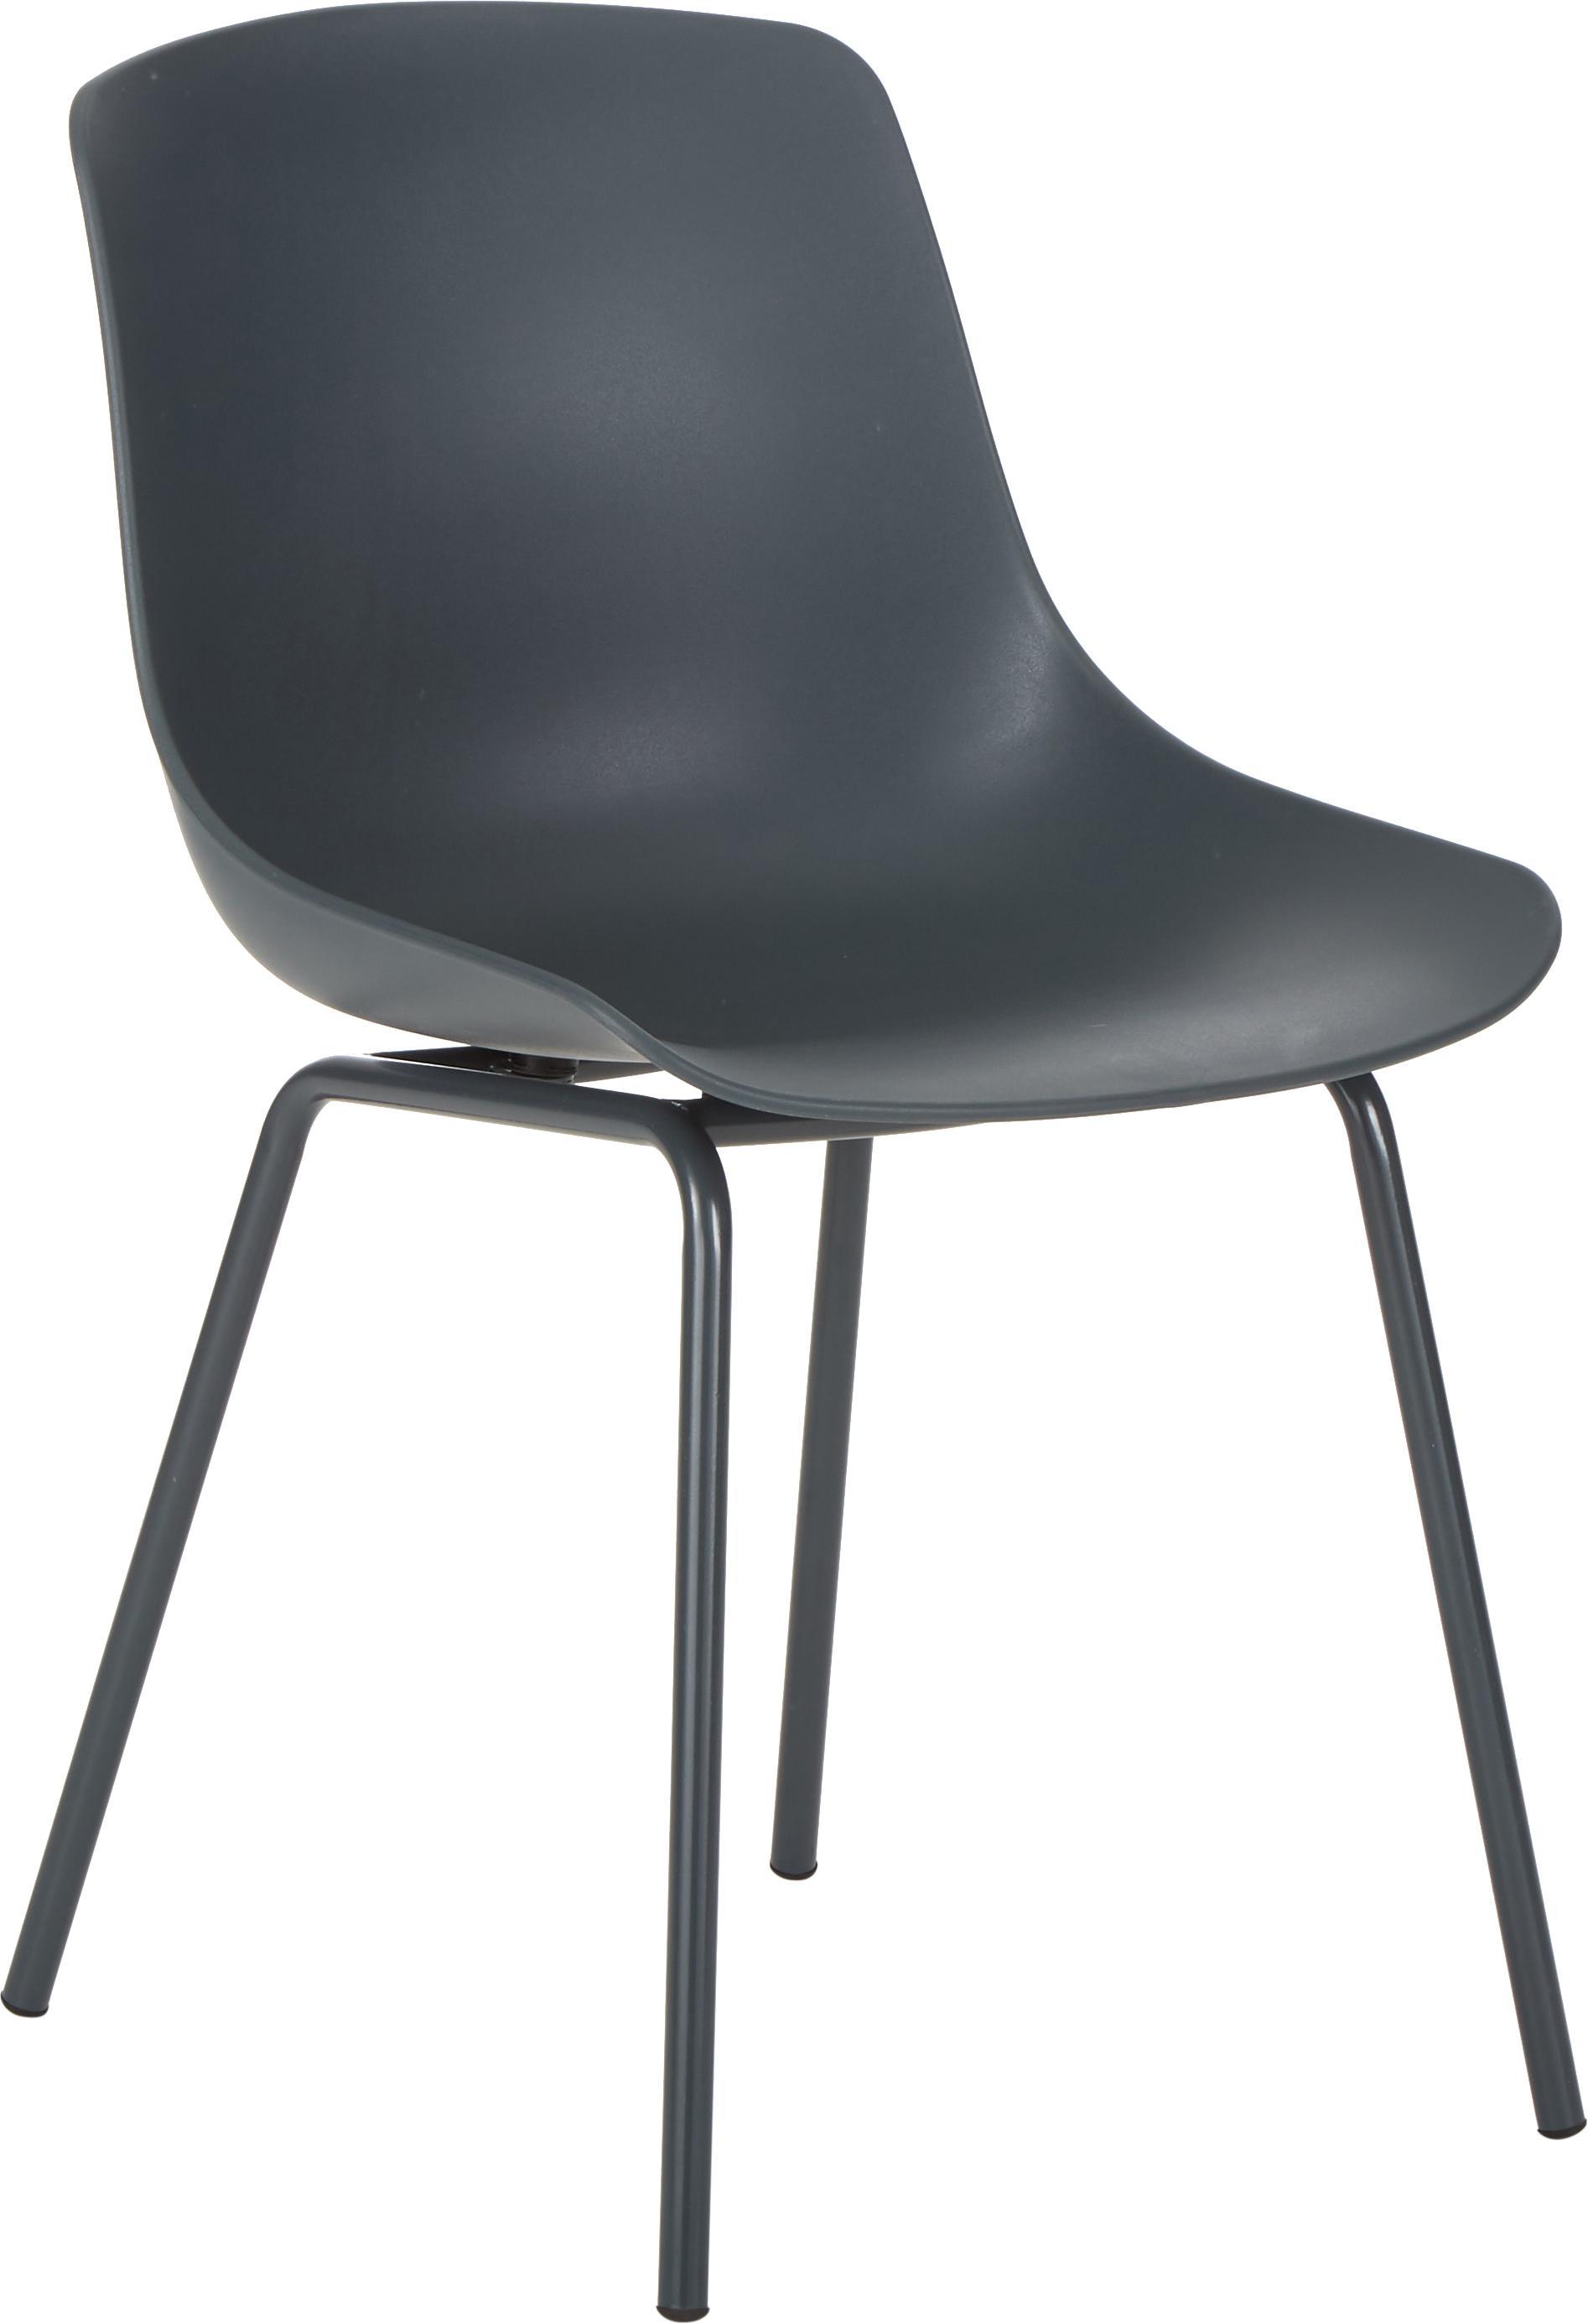 Sedia in plastica con gambe in metallo Dave 2 pz, Seduta: materiale sintetico, Gambe: metallo verniciato a polv, Grigio scuro, Larg. 46 x Prof. 53 cm